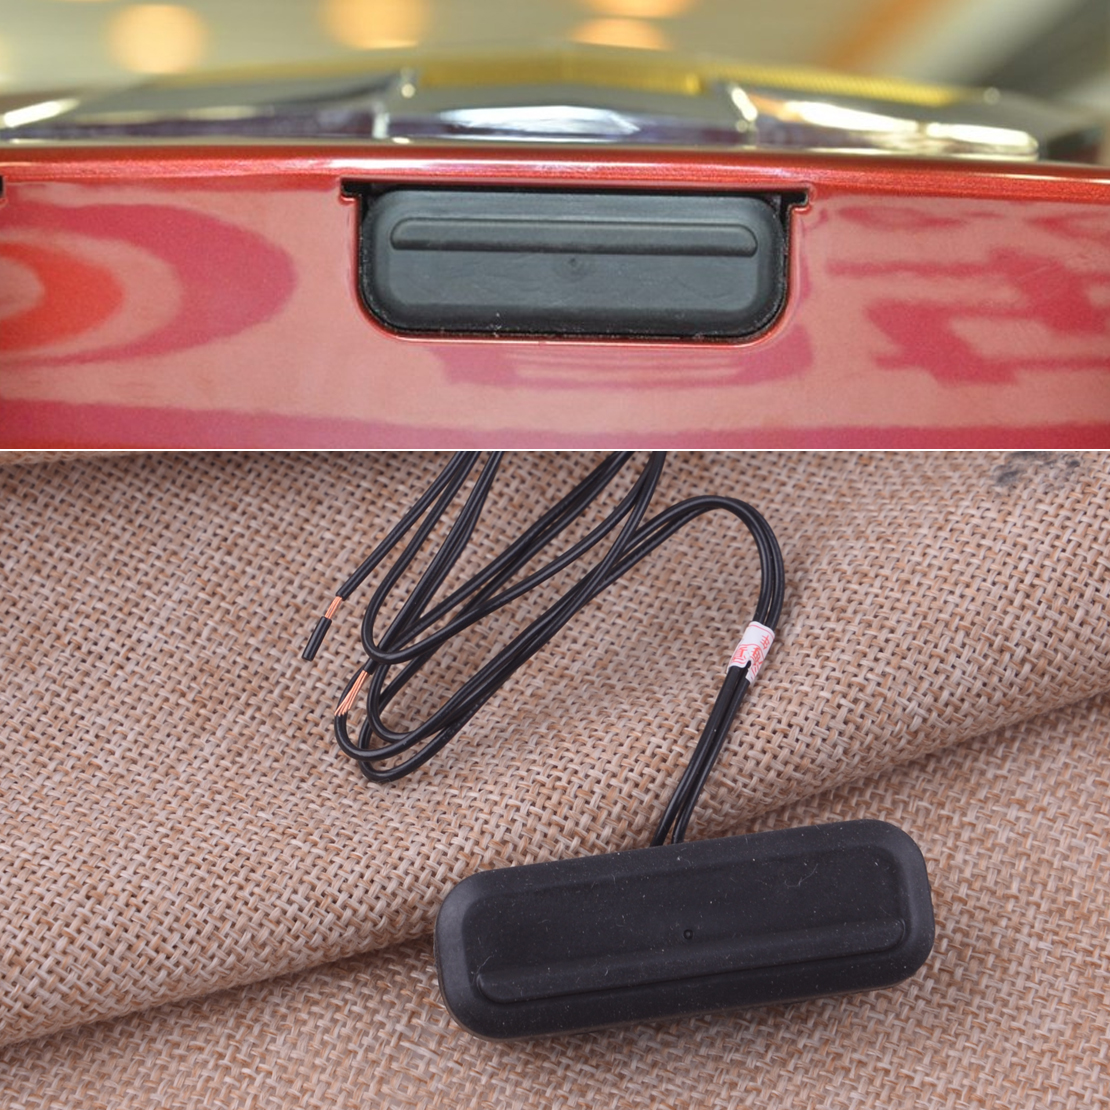 9012141 Heckklappe Schalter Taster für Chevrolet Cruze Sedan 2009-2014 13393912